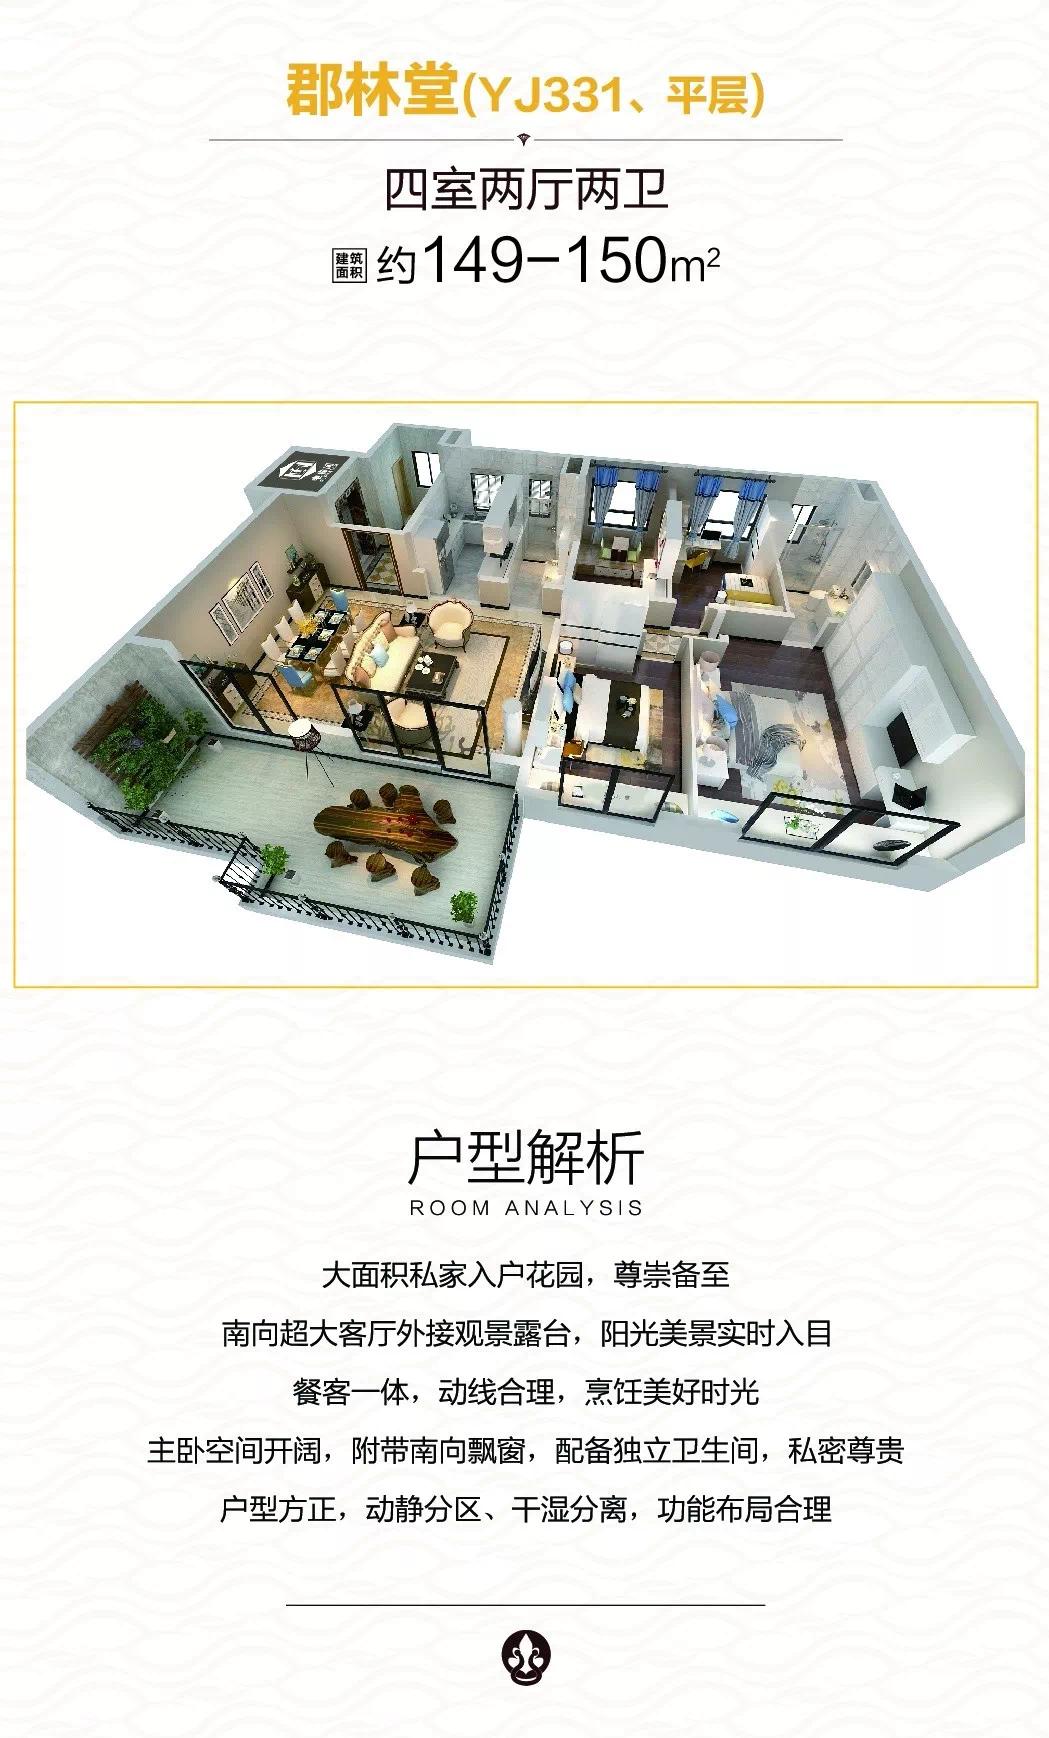 初心所向,暖心筑家 碧桂园·济州府让建筑回归生活本真